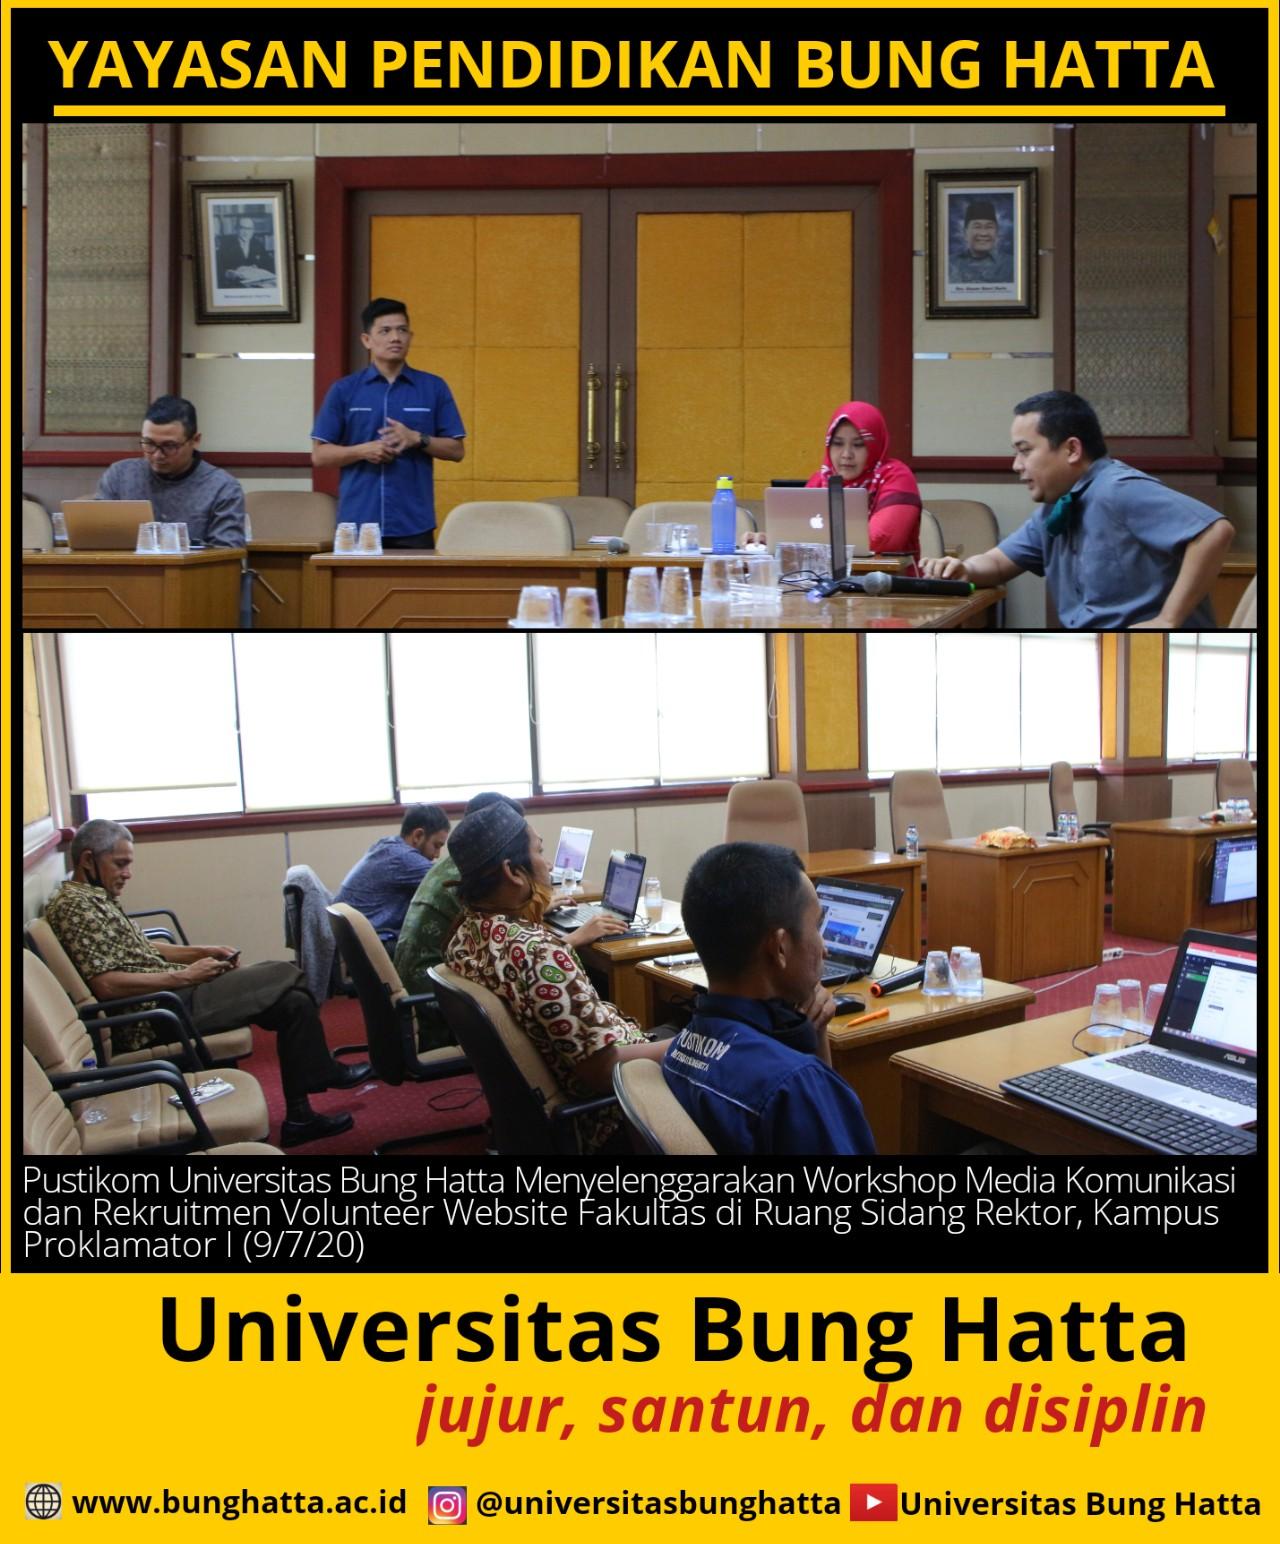 Pustikom Universitas Bung Hatta Menyelenggarakan Workshop Media Komunikasi dan Rekruitmen Volunteer Website Fakultas